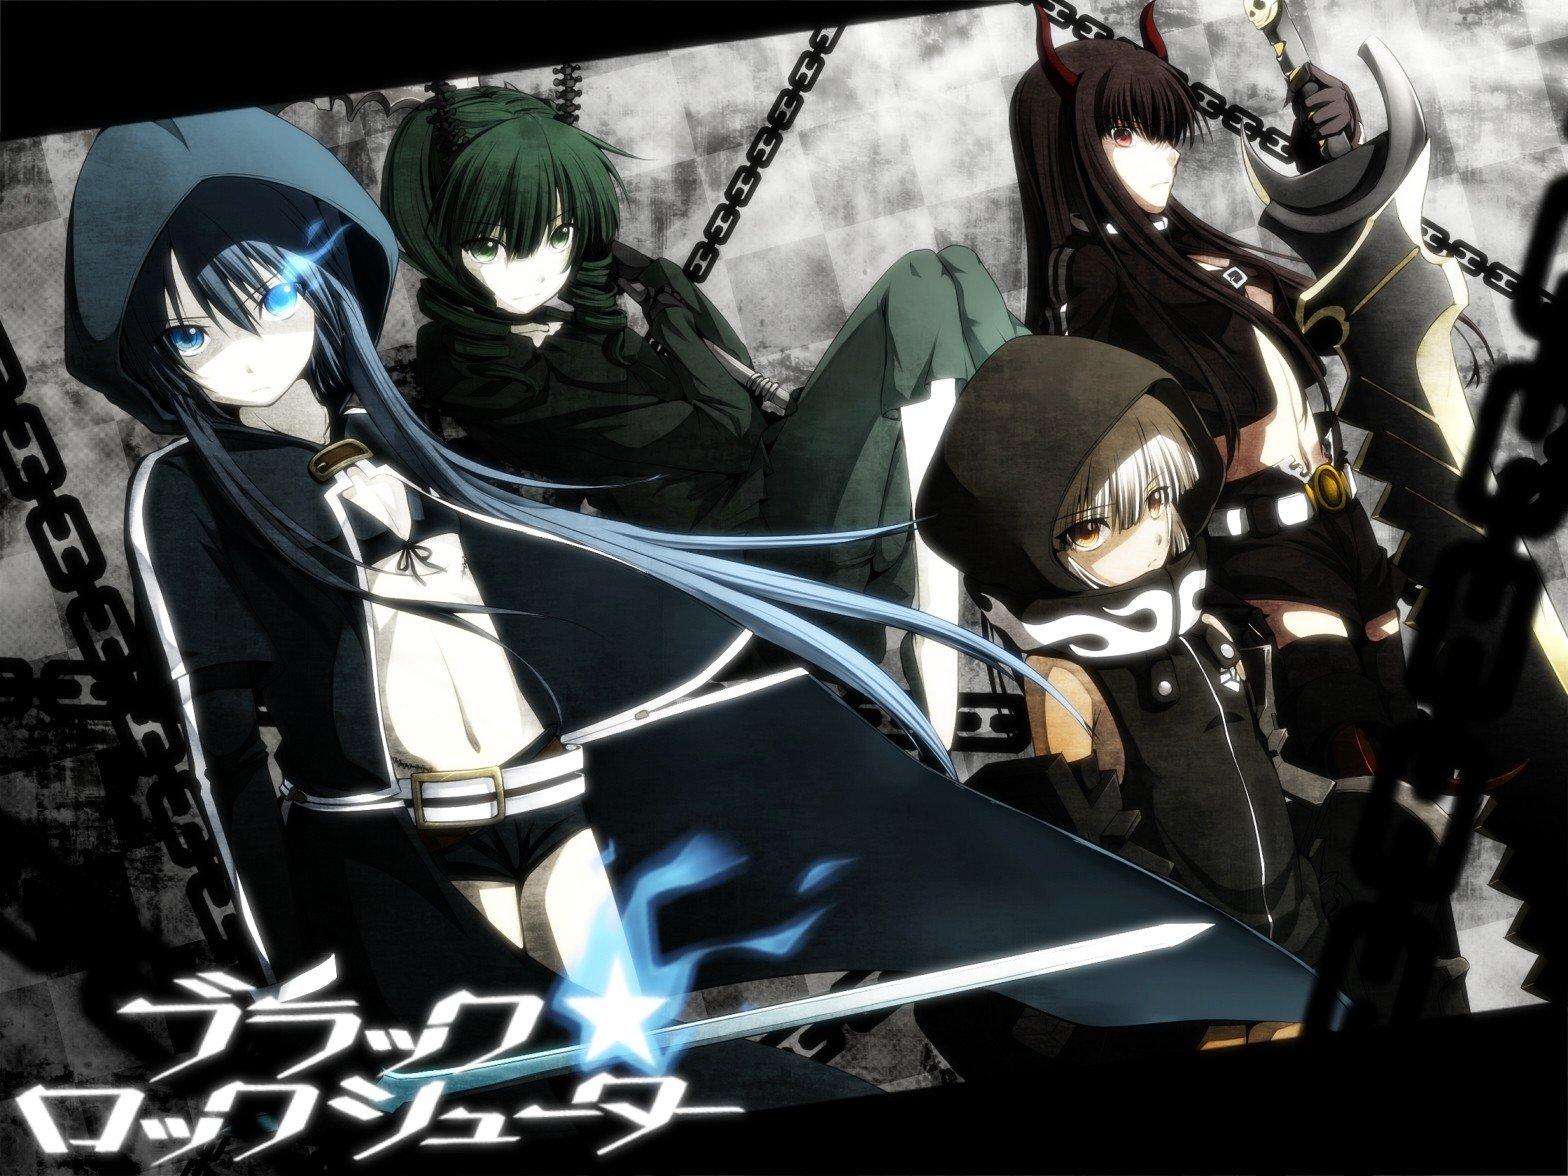 Black Rock Shooter, Anime Girls, Anime, Dead Master, Black -7339